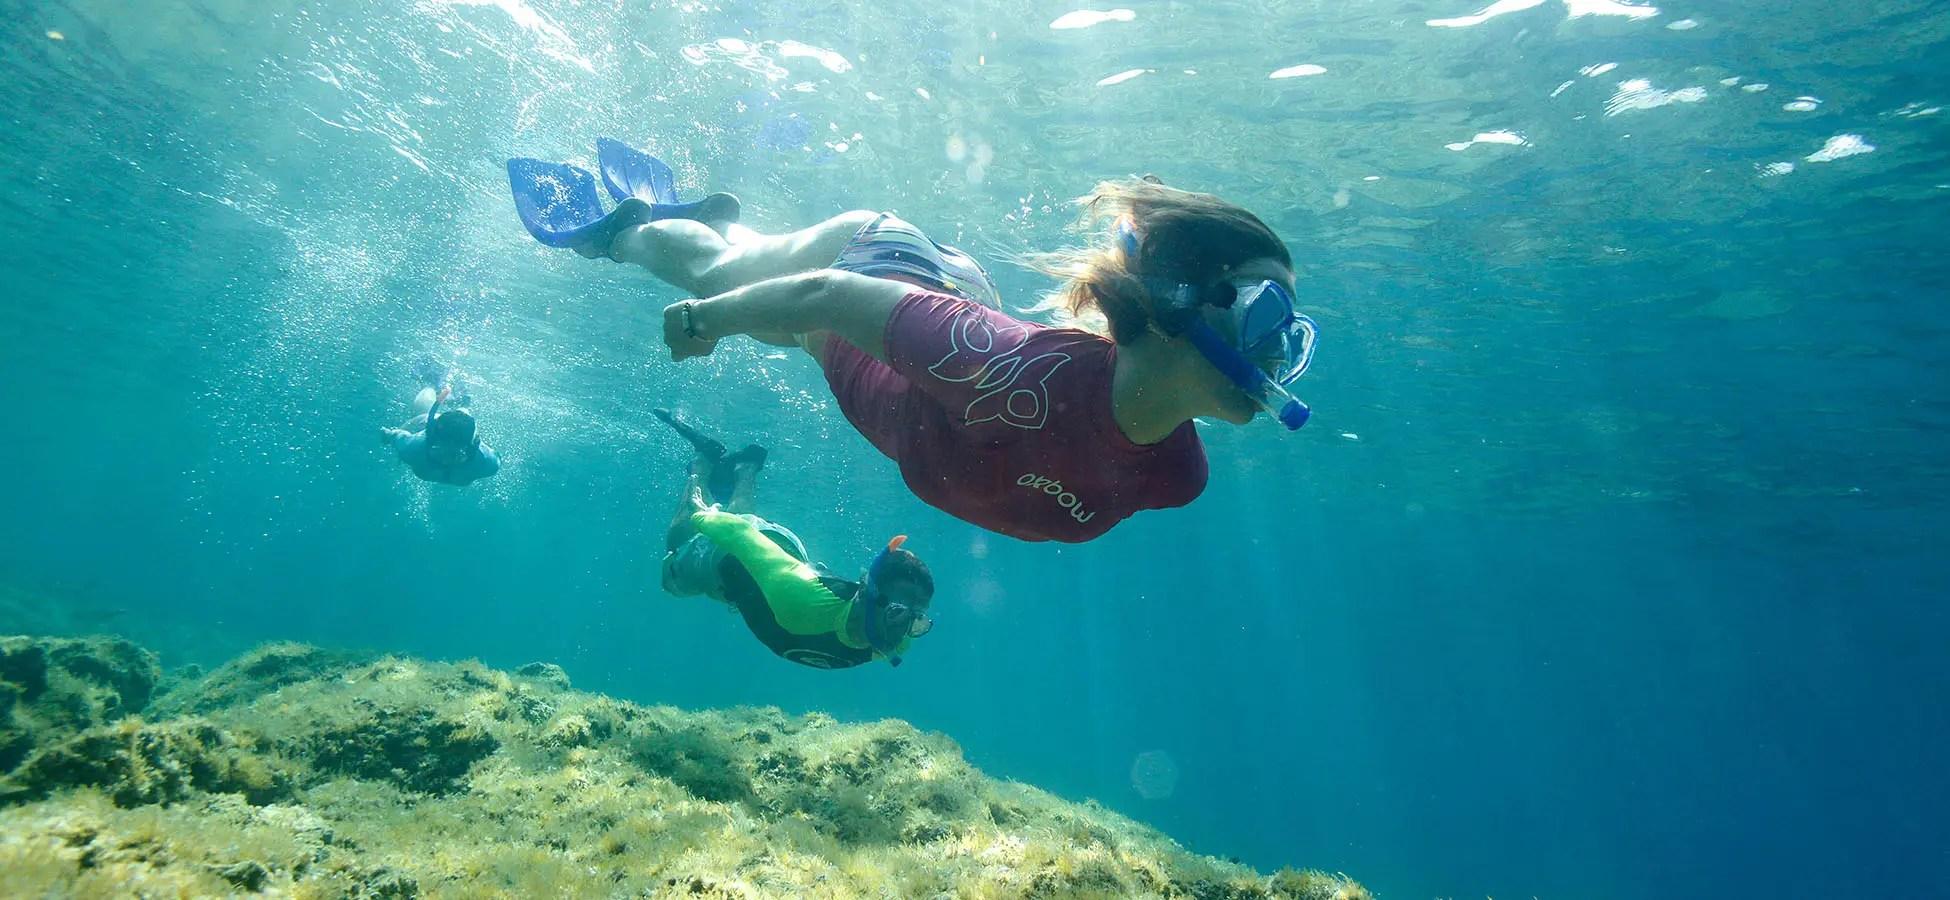 Photographie sous-marine avec caisson et figurants